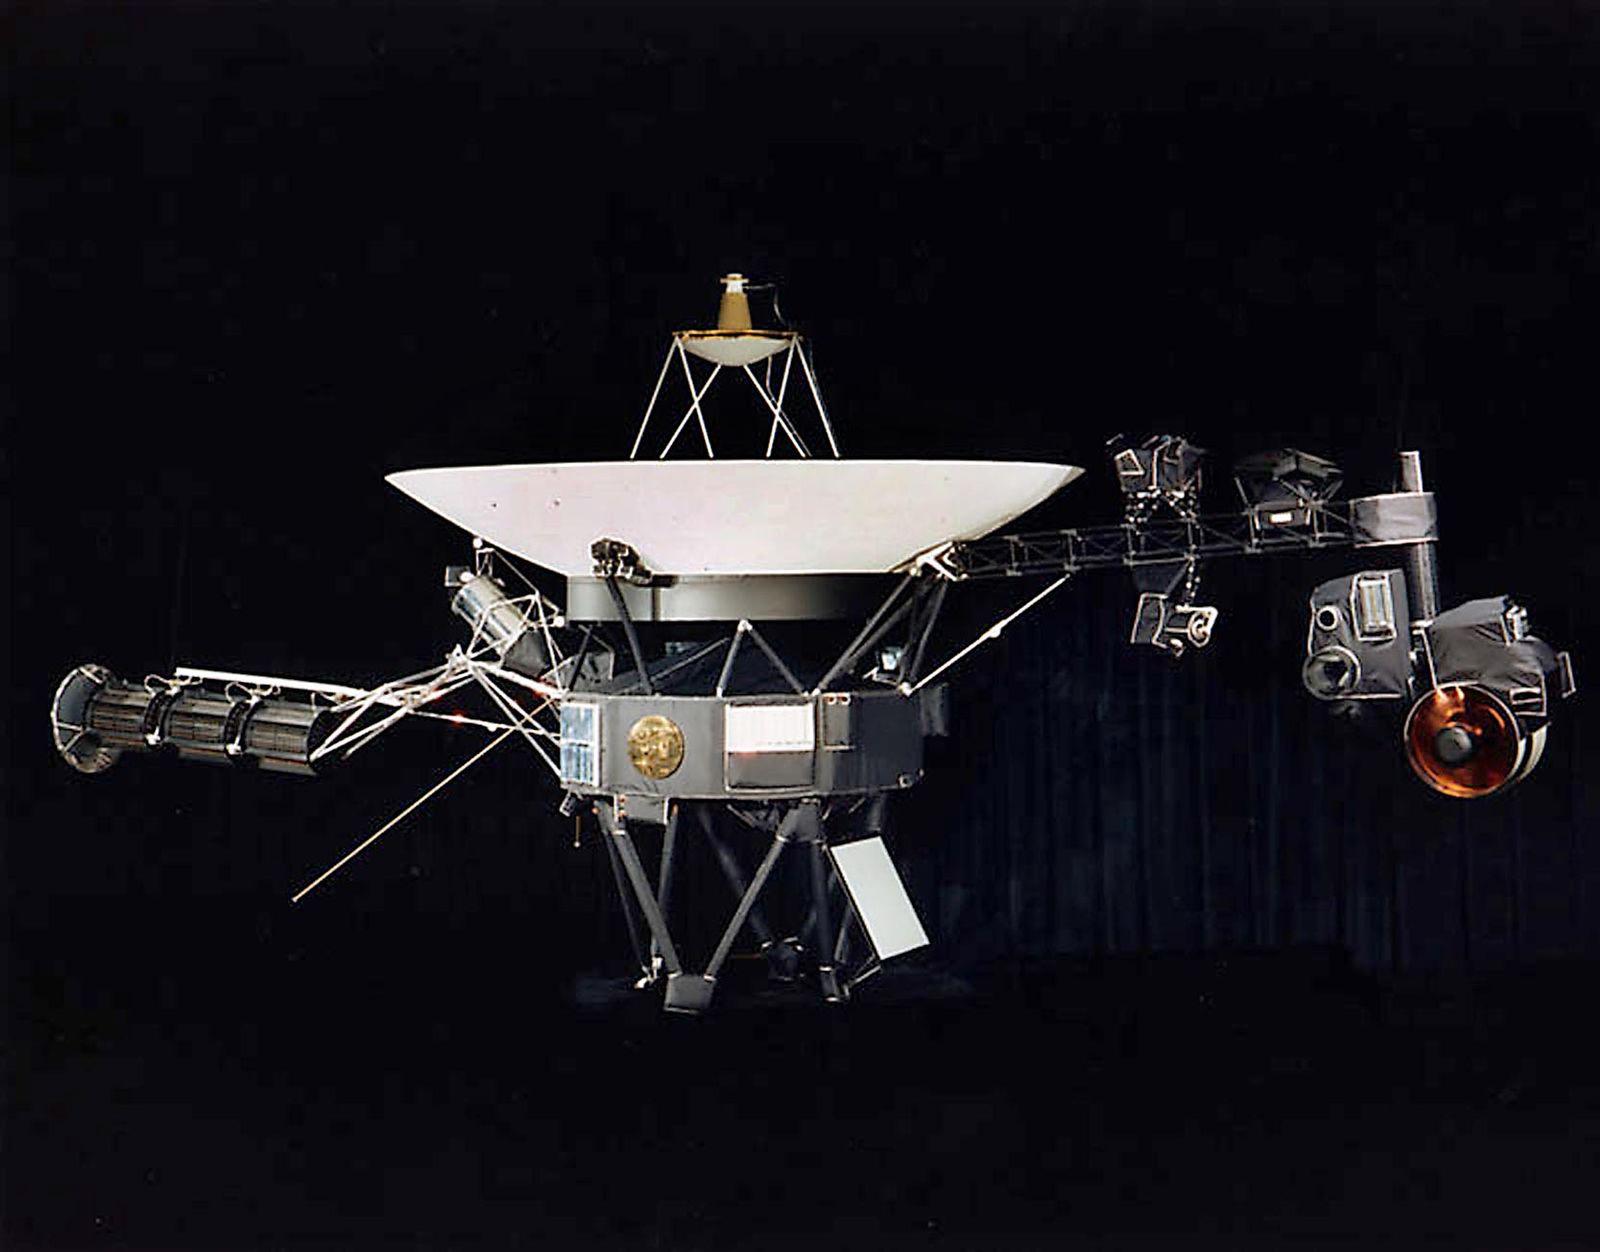 NASA / Voyager